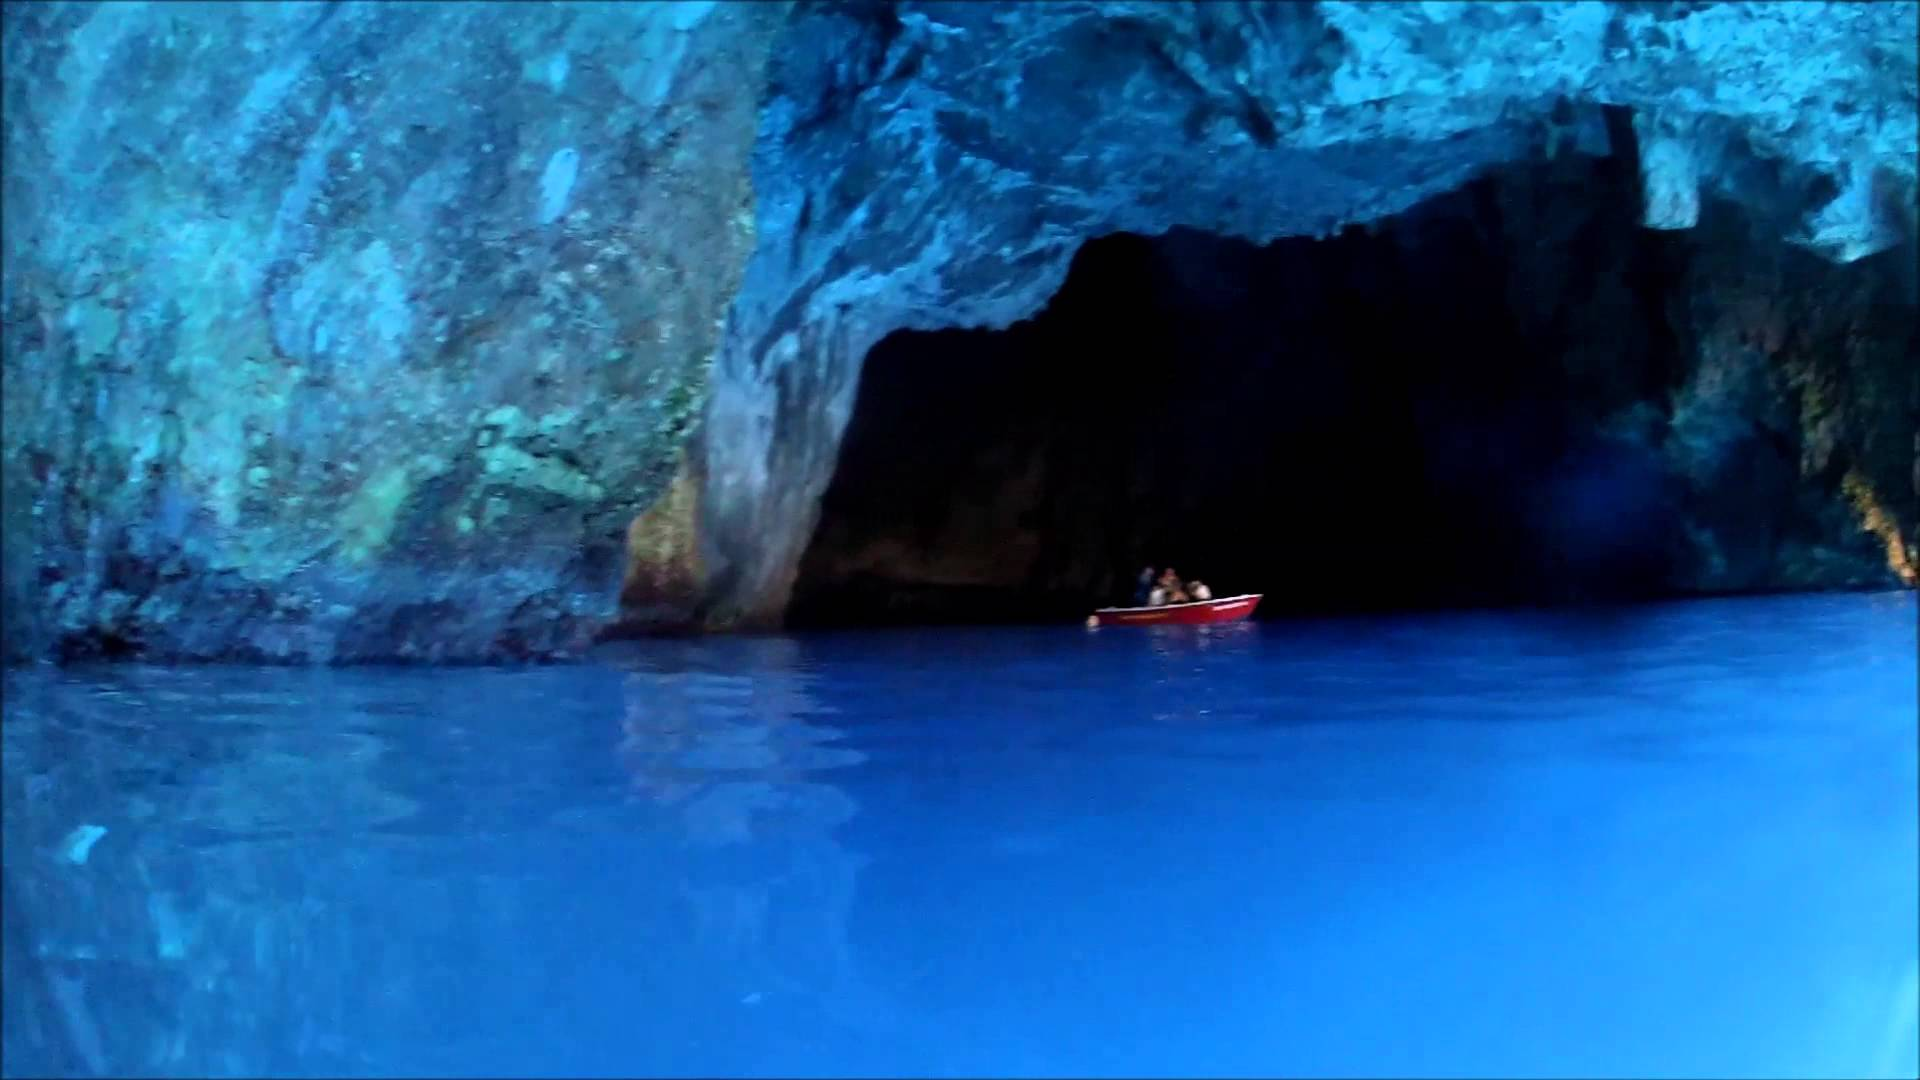 Ένα ελληνικό σπήλαιο ανάμεσα στα πιο εντυπωσιακά του πλανήτη- Δείτε ποιο είναι